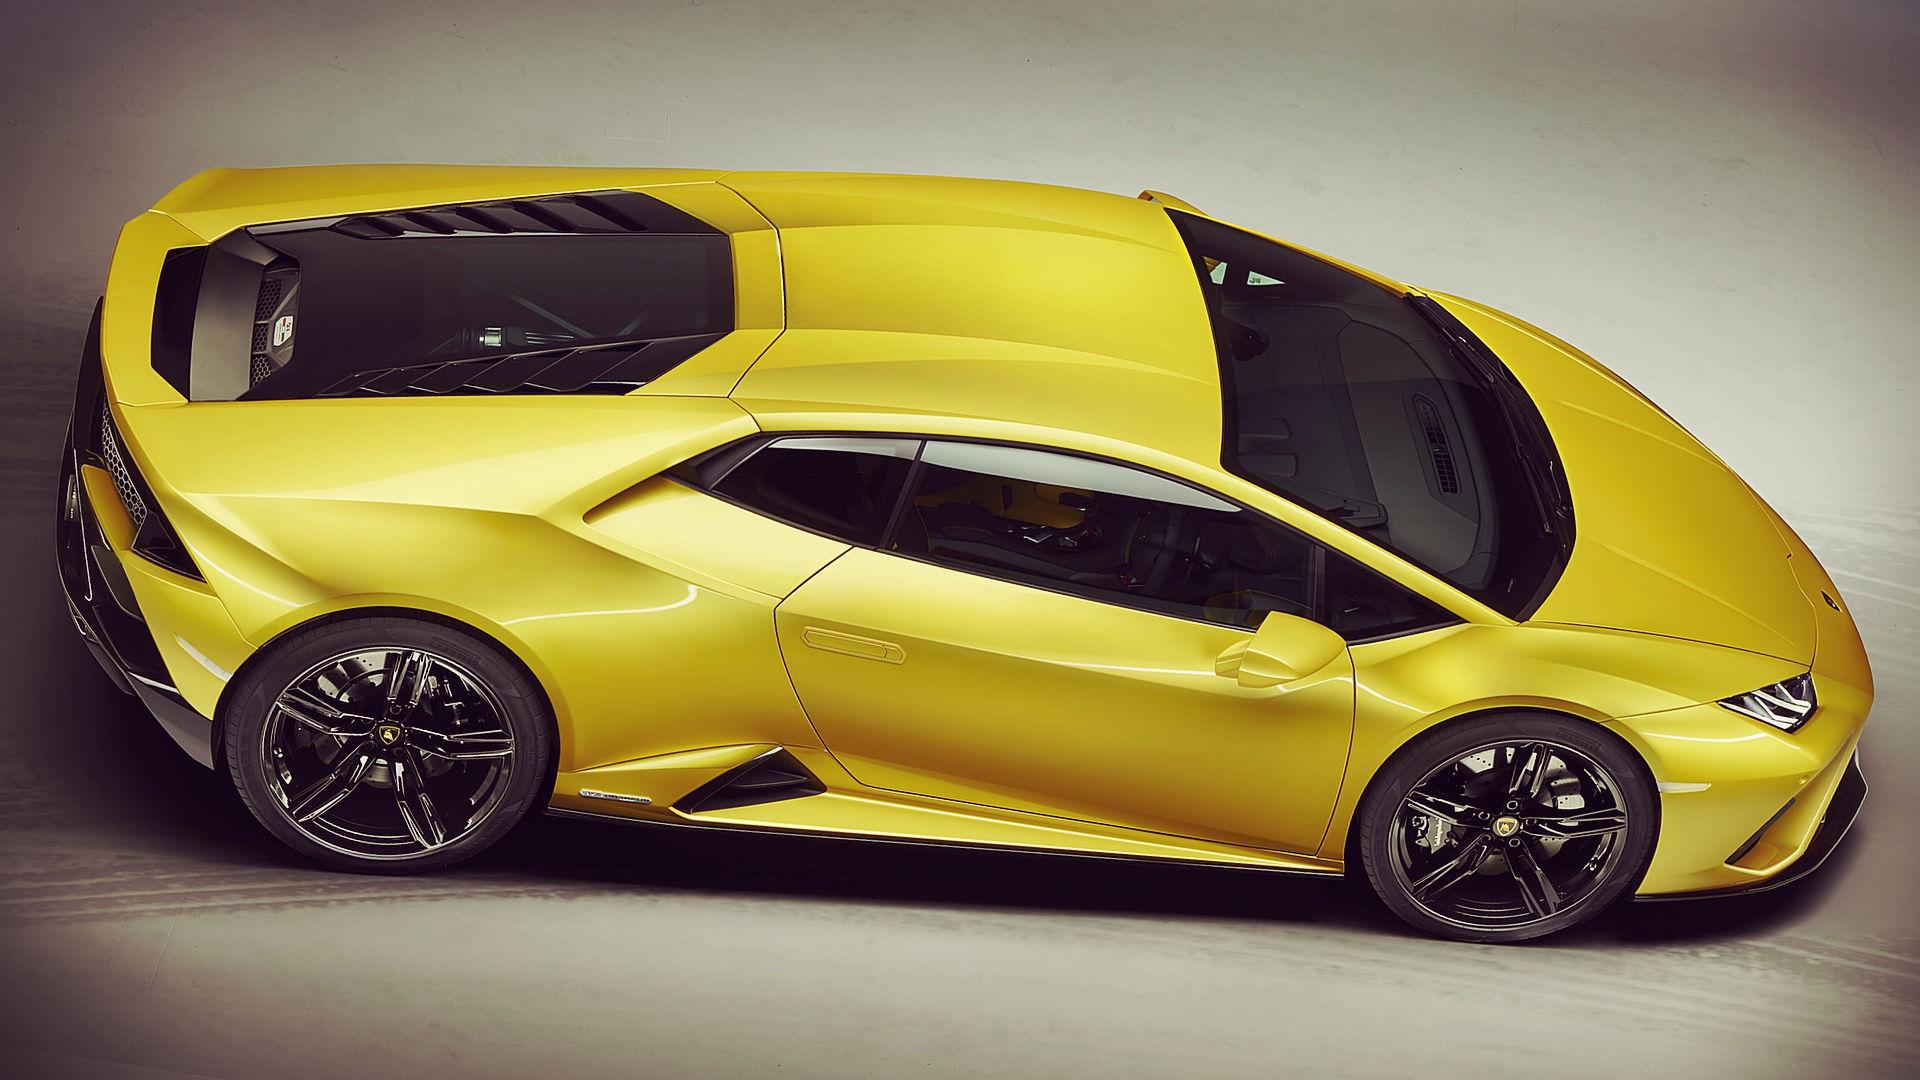 Lamborghini Huracan EVO RWD 2021 Hd Wallpaper